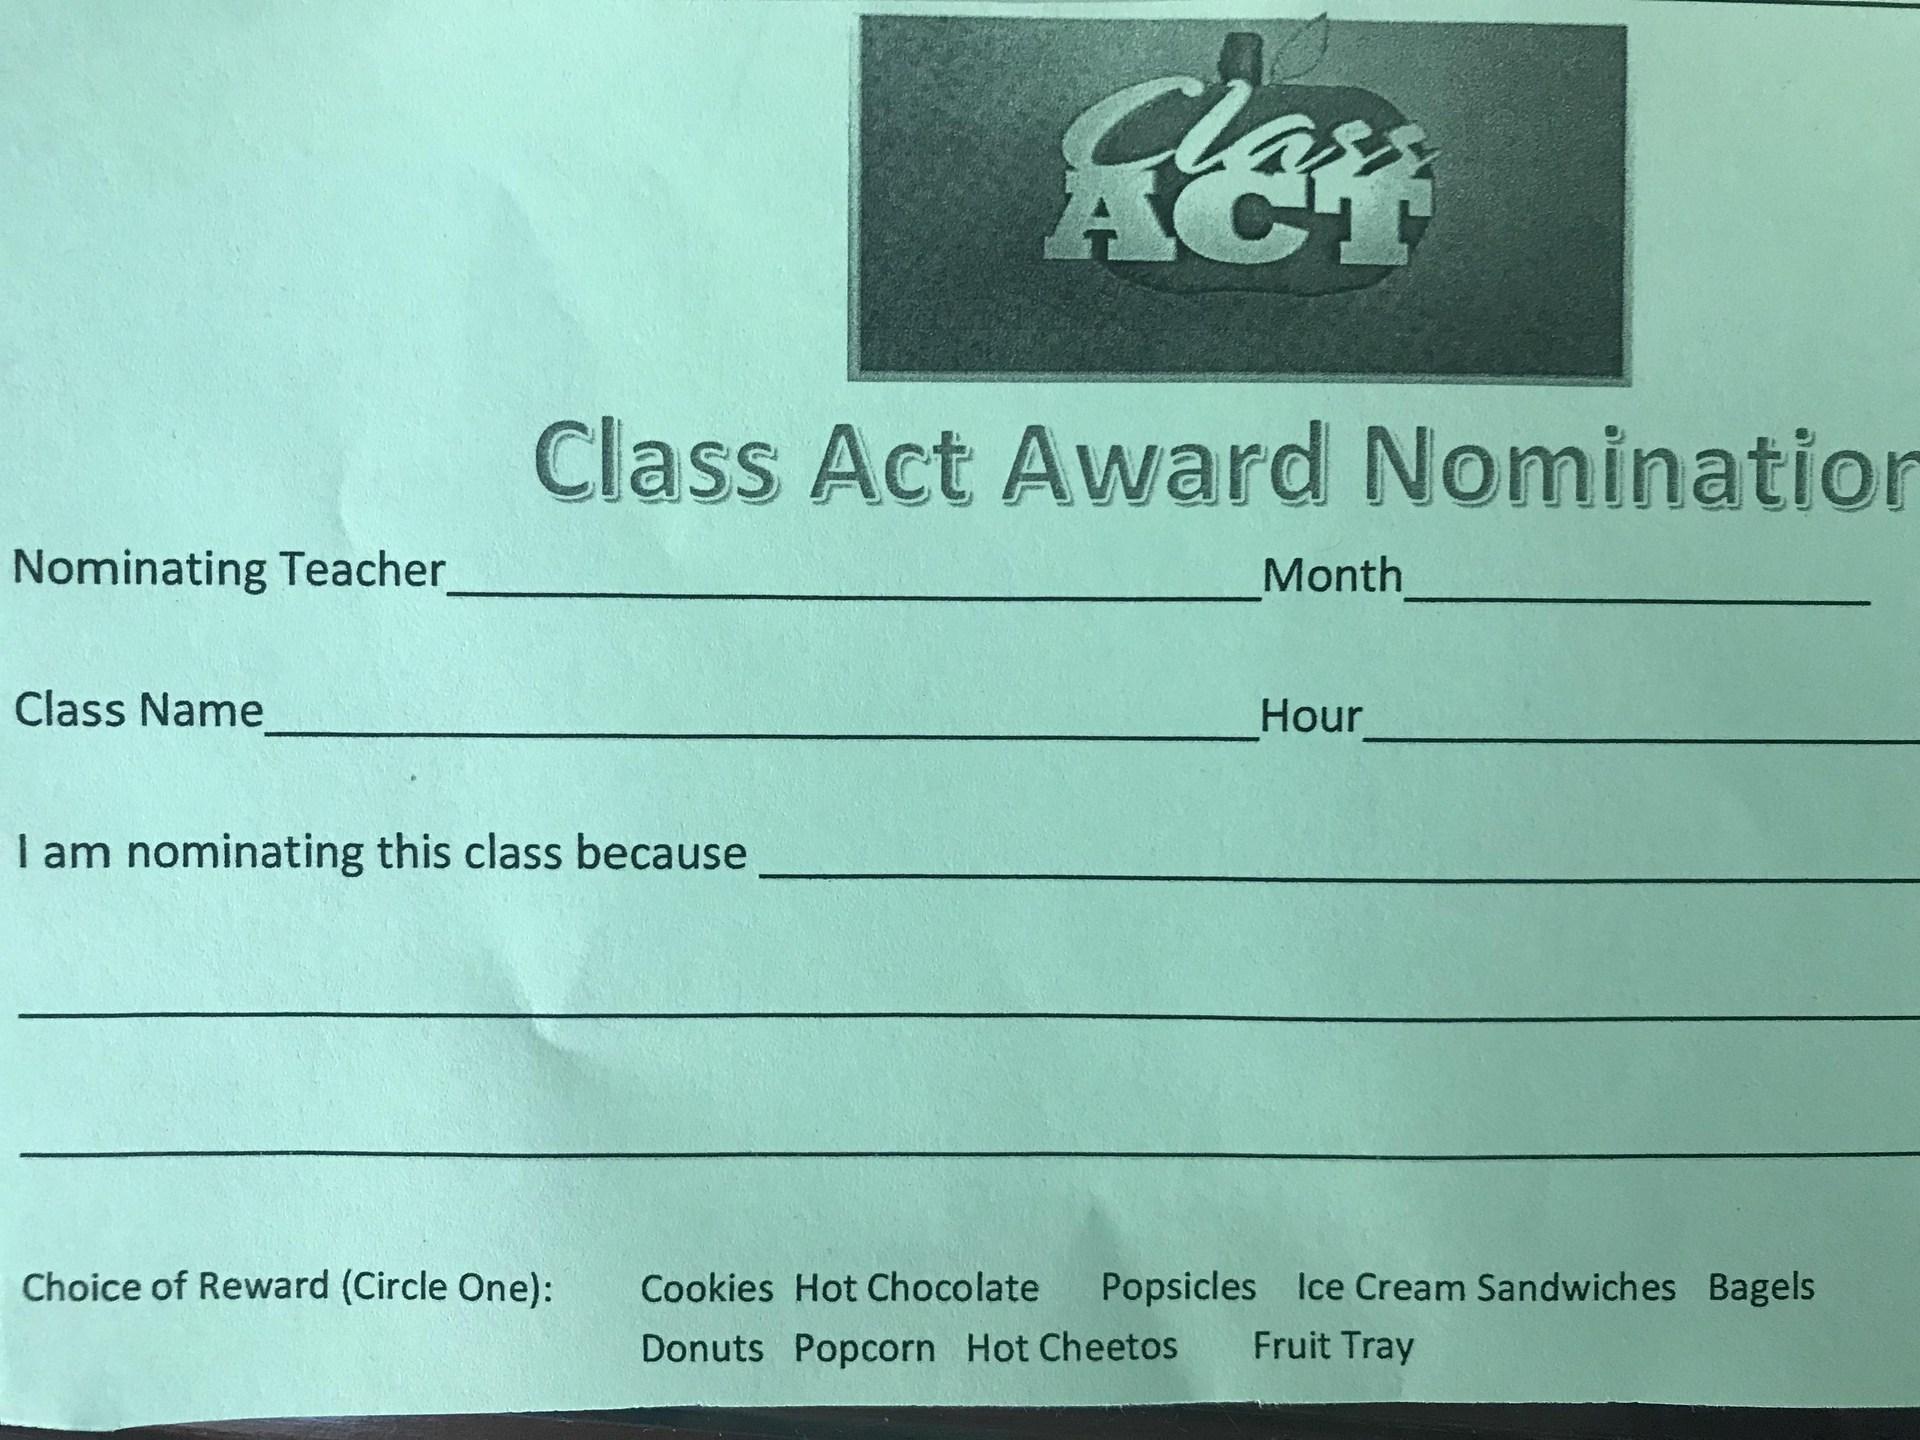 Class Act Award